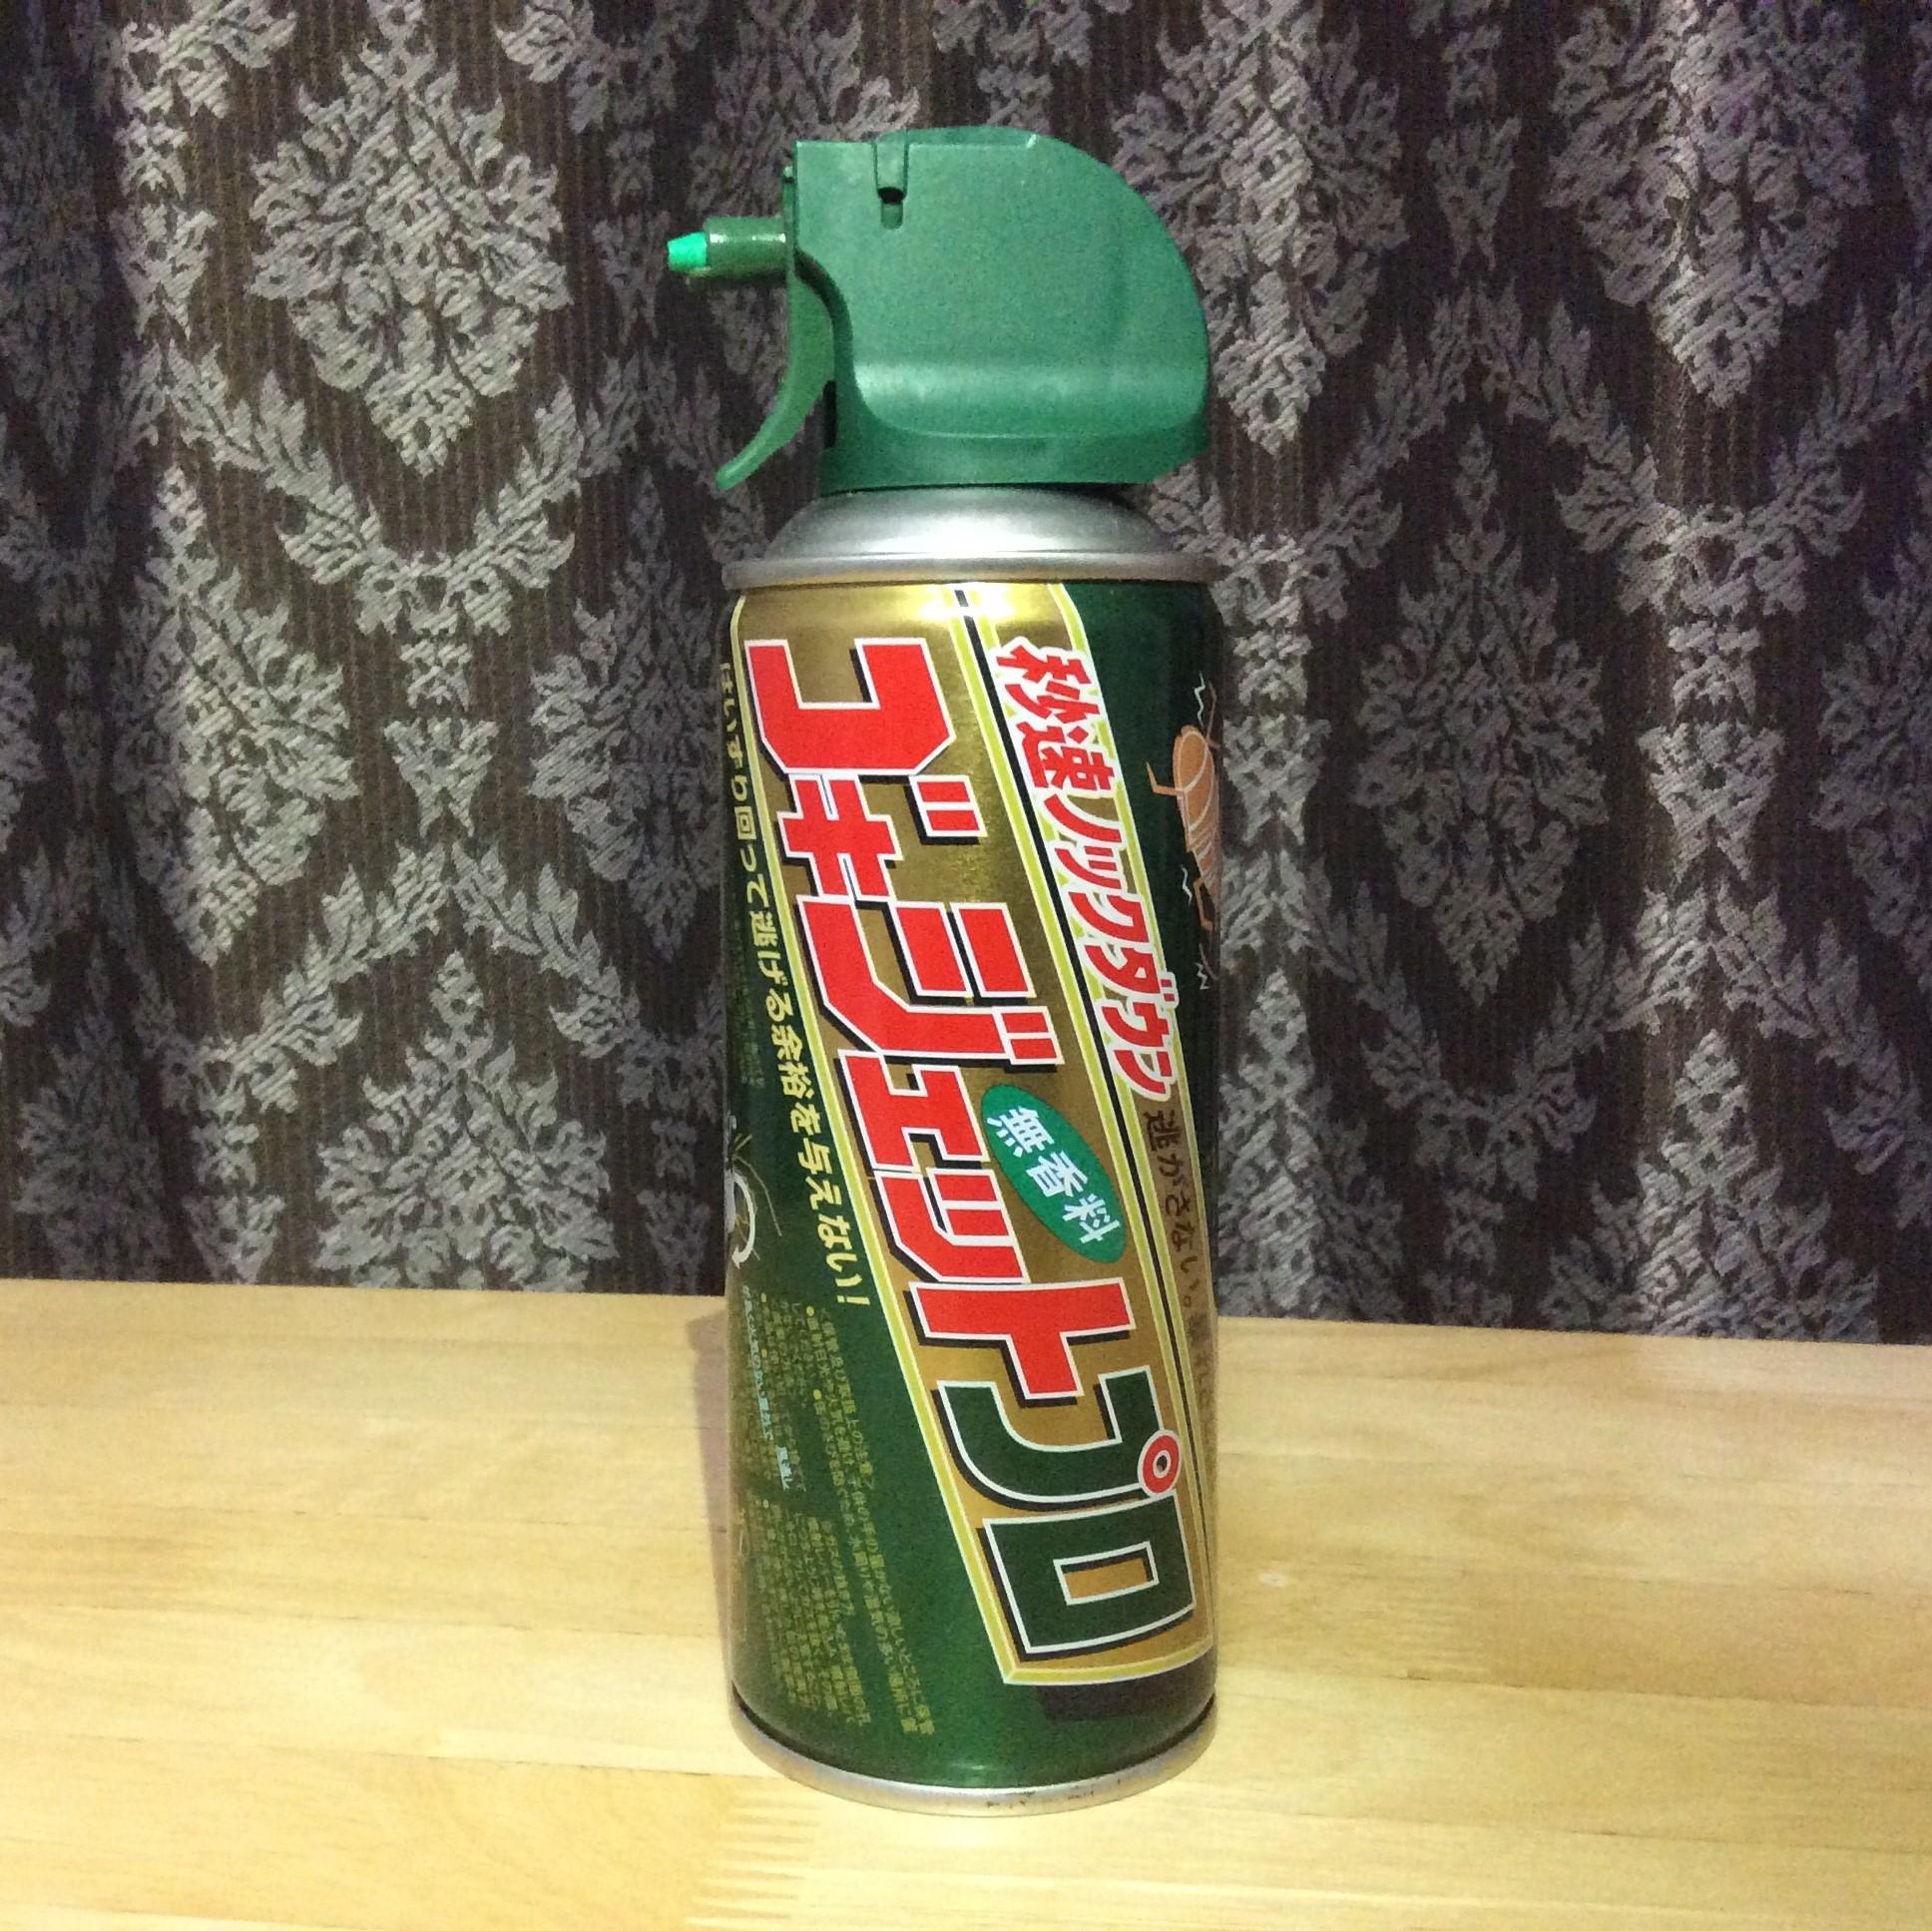 Gokijet ( ゴキジェット, gokijetto) spray